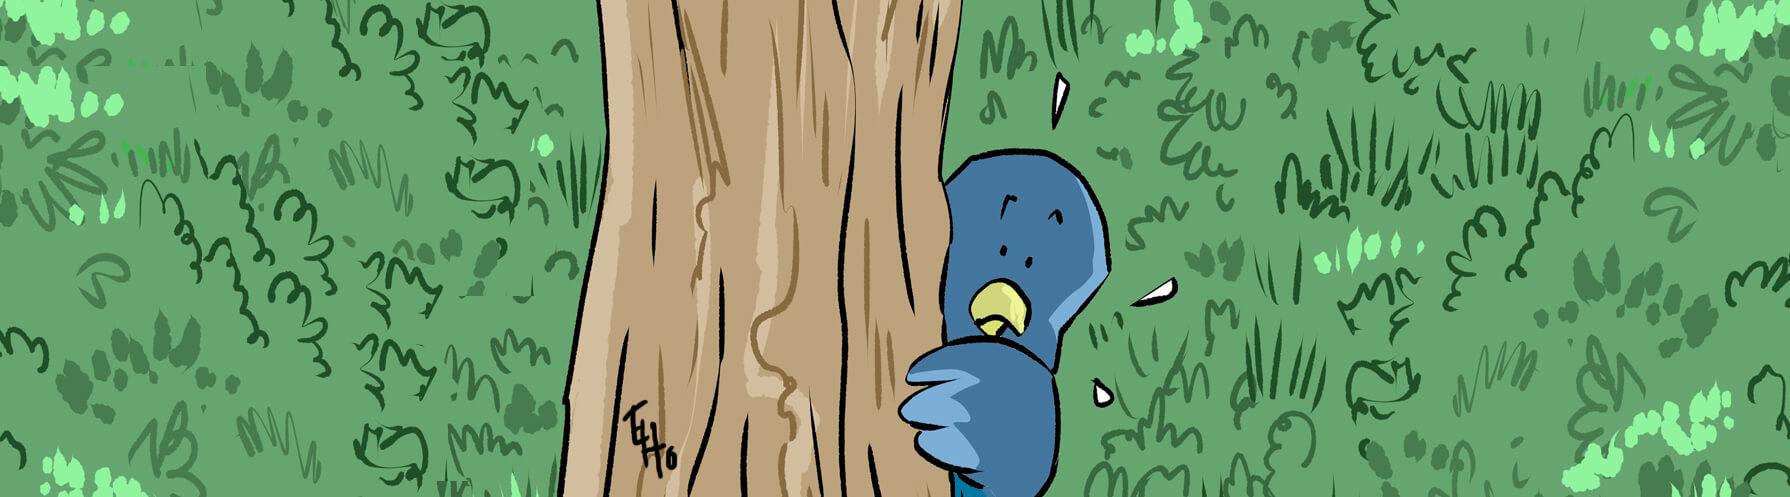 Disparition de 30 % des oiseaux